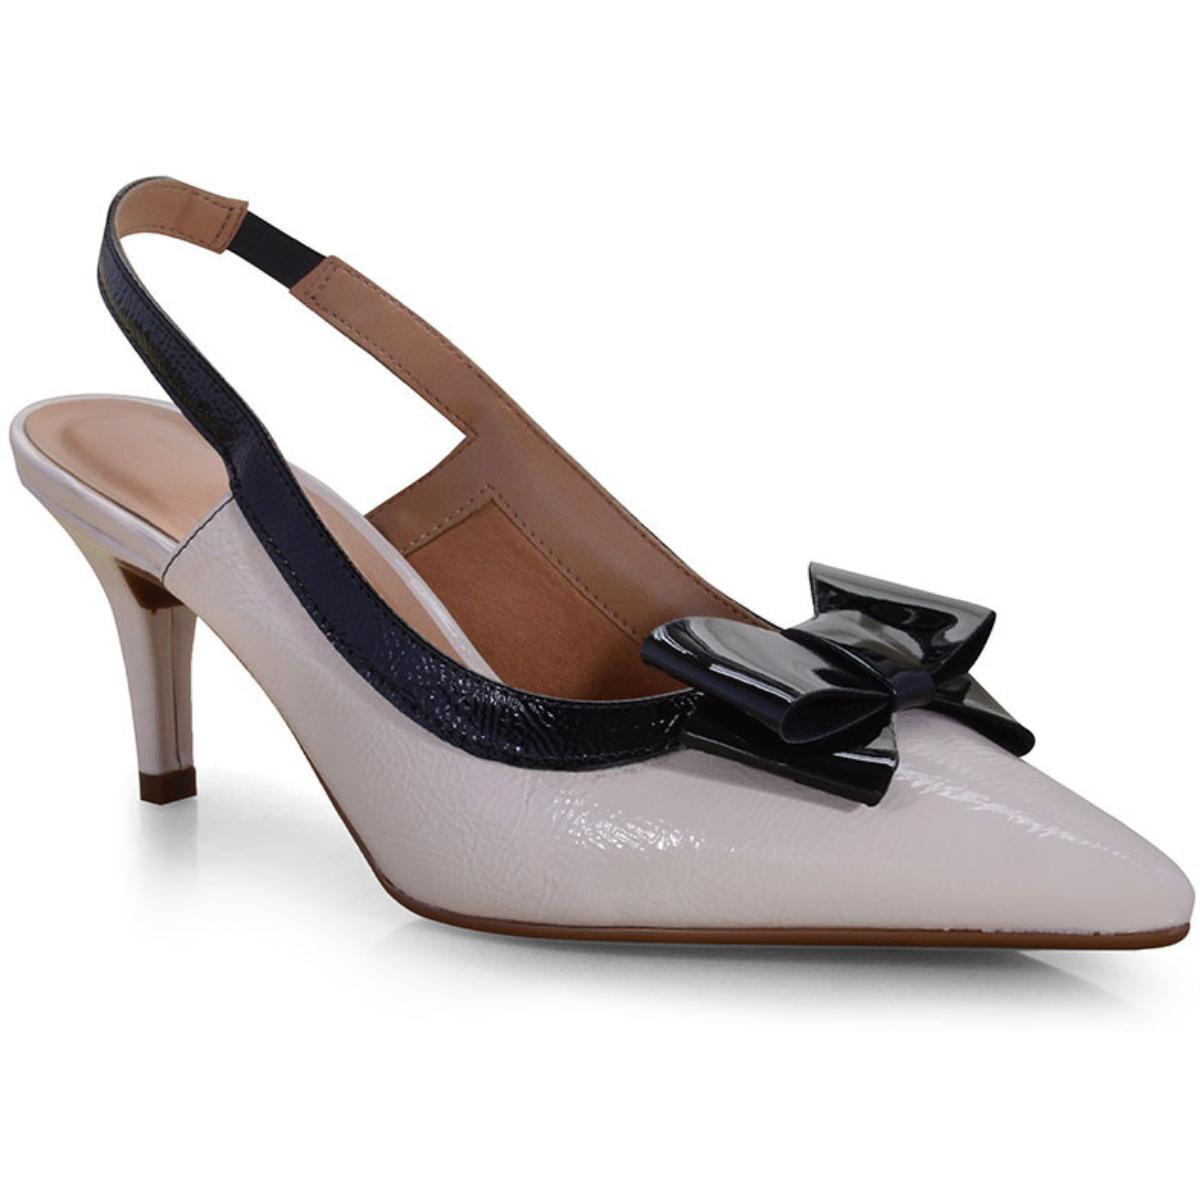 Sapato Feminino Vizzano 1185176 Creme/preto